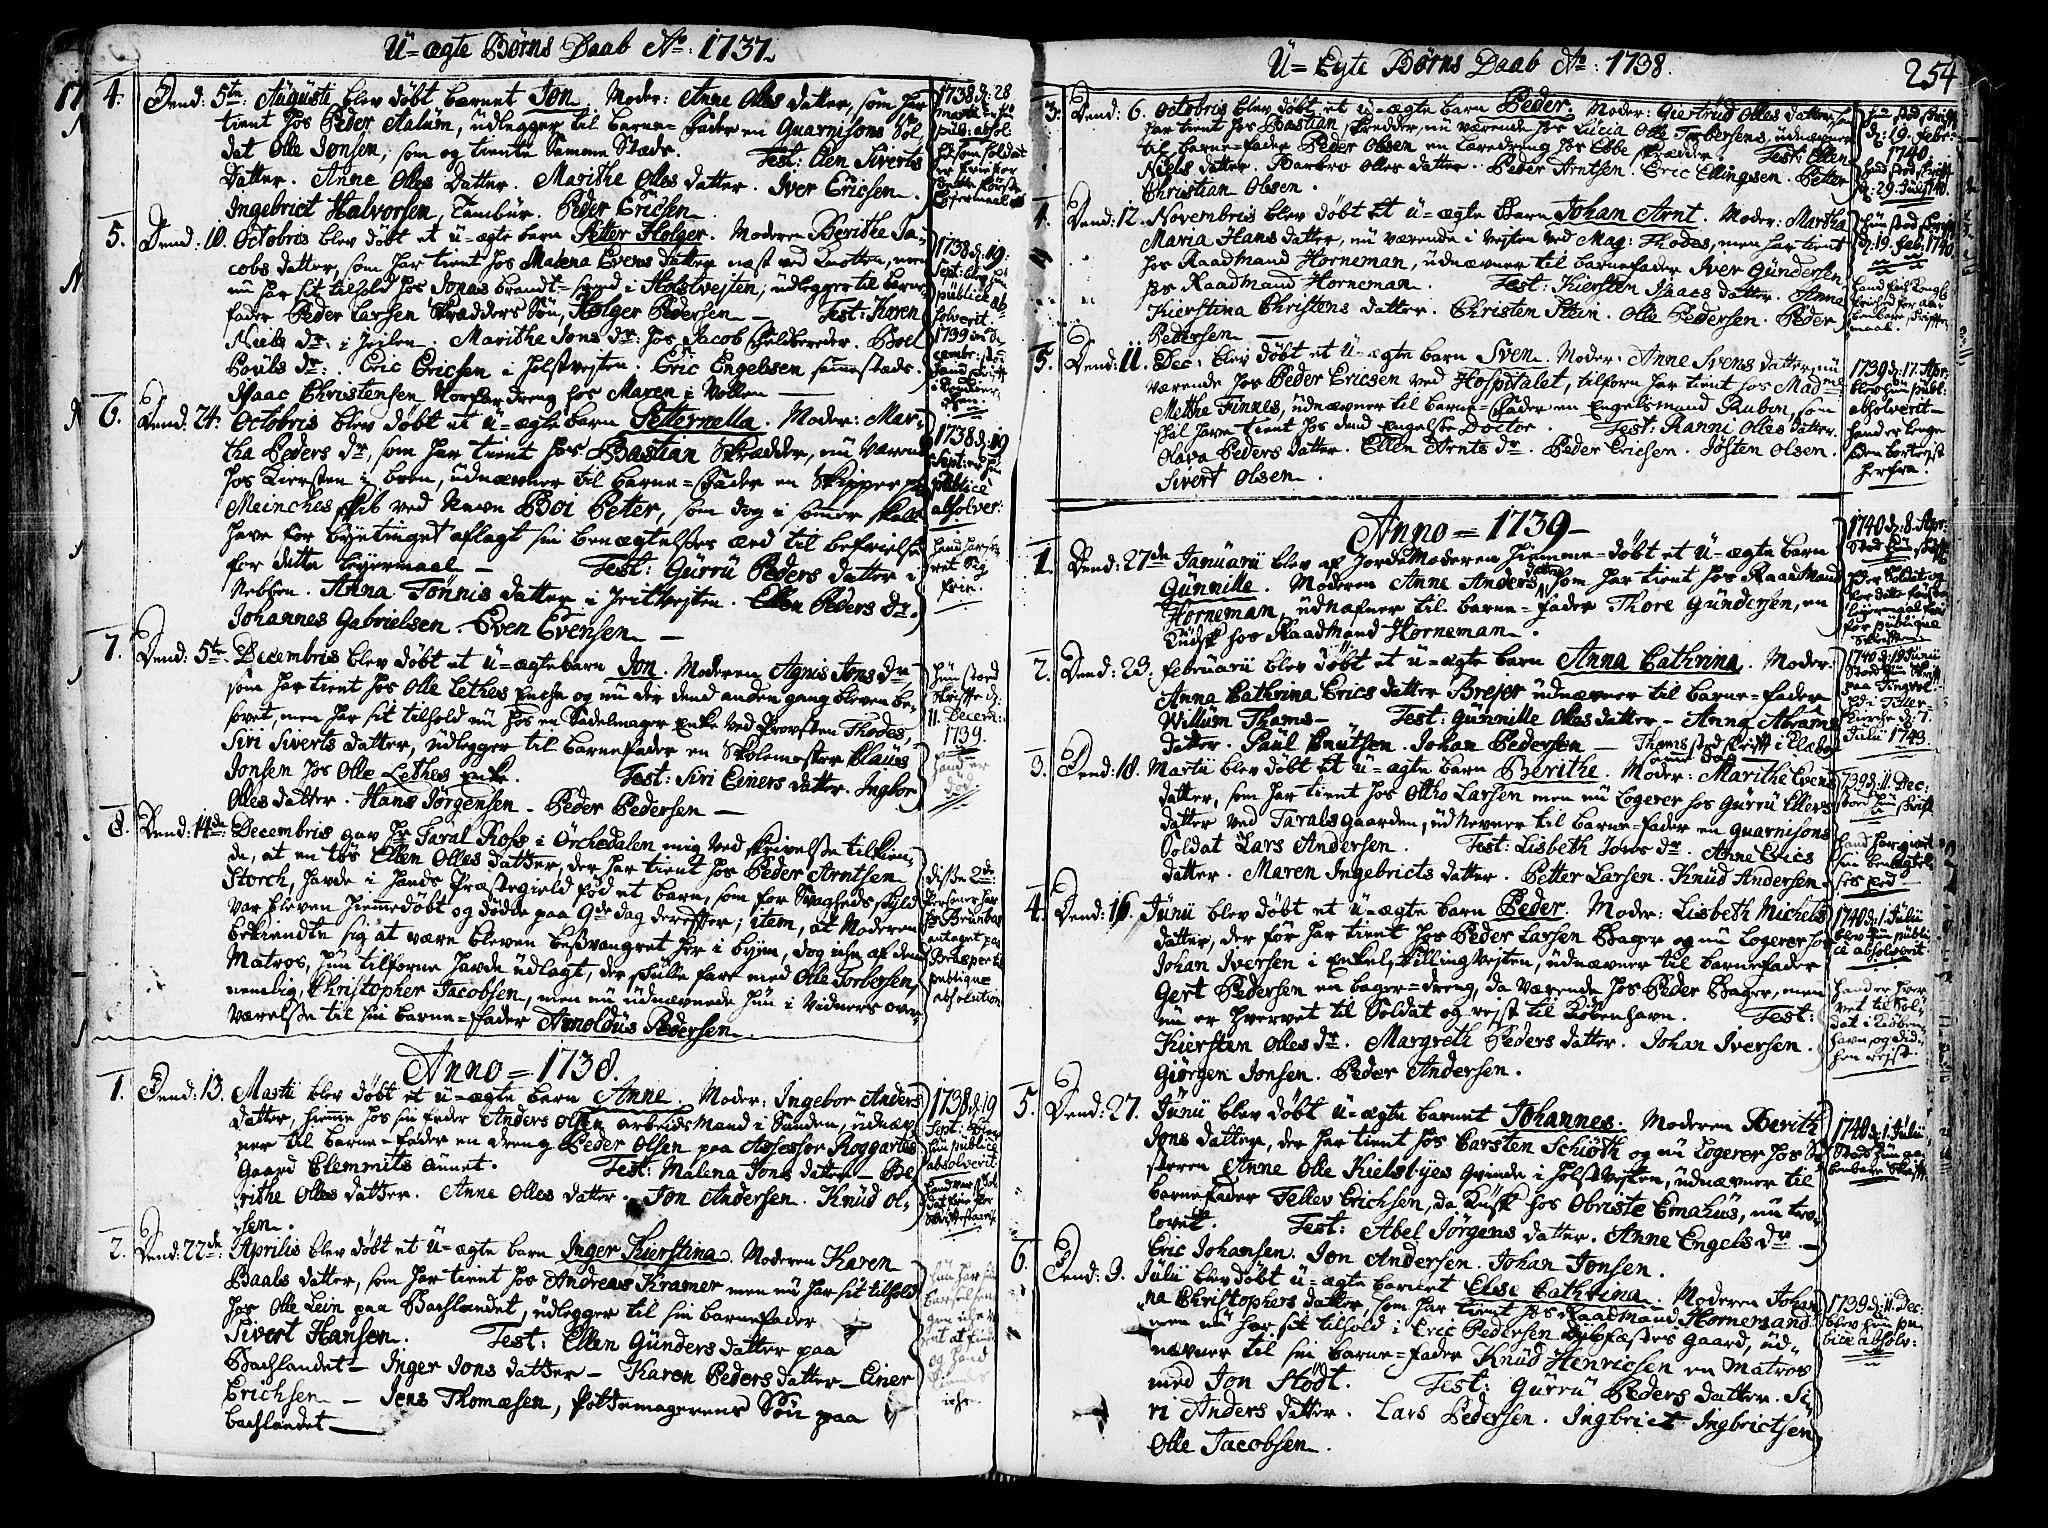 SAT, Ministerialprotokoller, klokkerbøker og fødselsregistre - Sør-Trøndelag, 602/L0103: Ministerialbok nr. 602A01, 1732-1774, s. 254